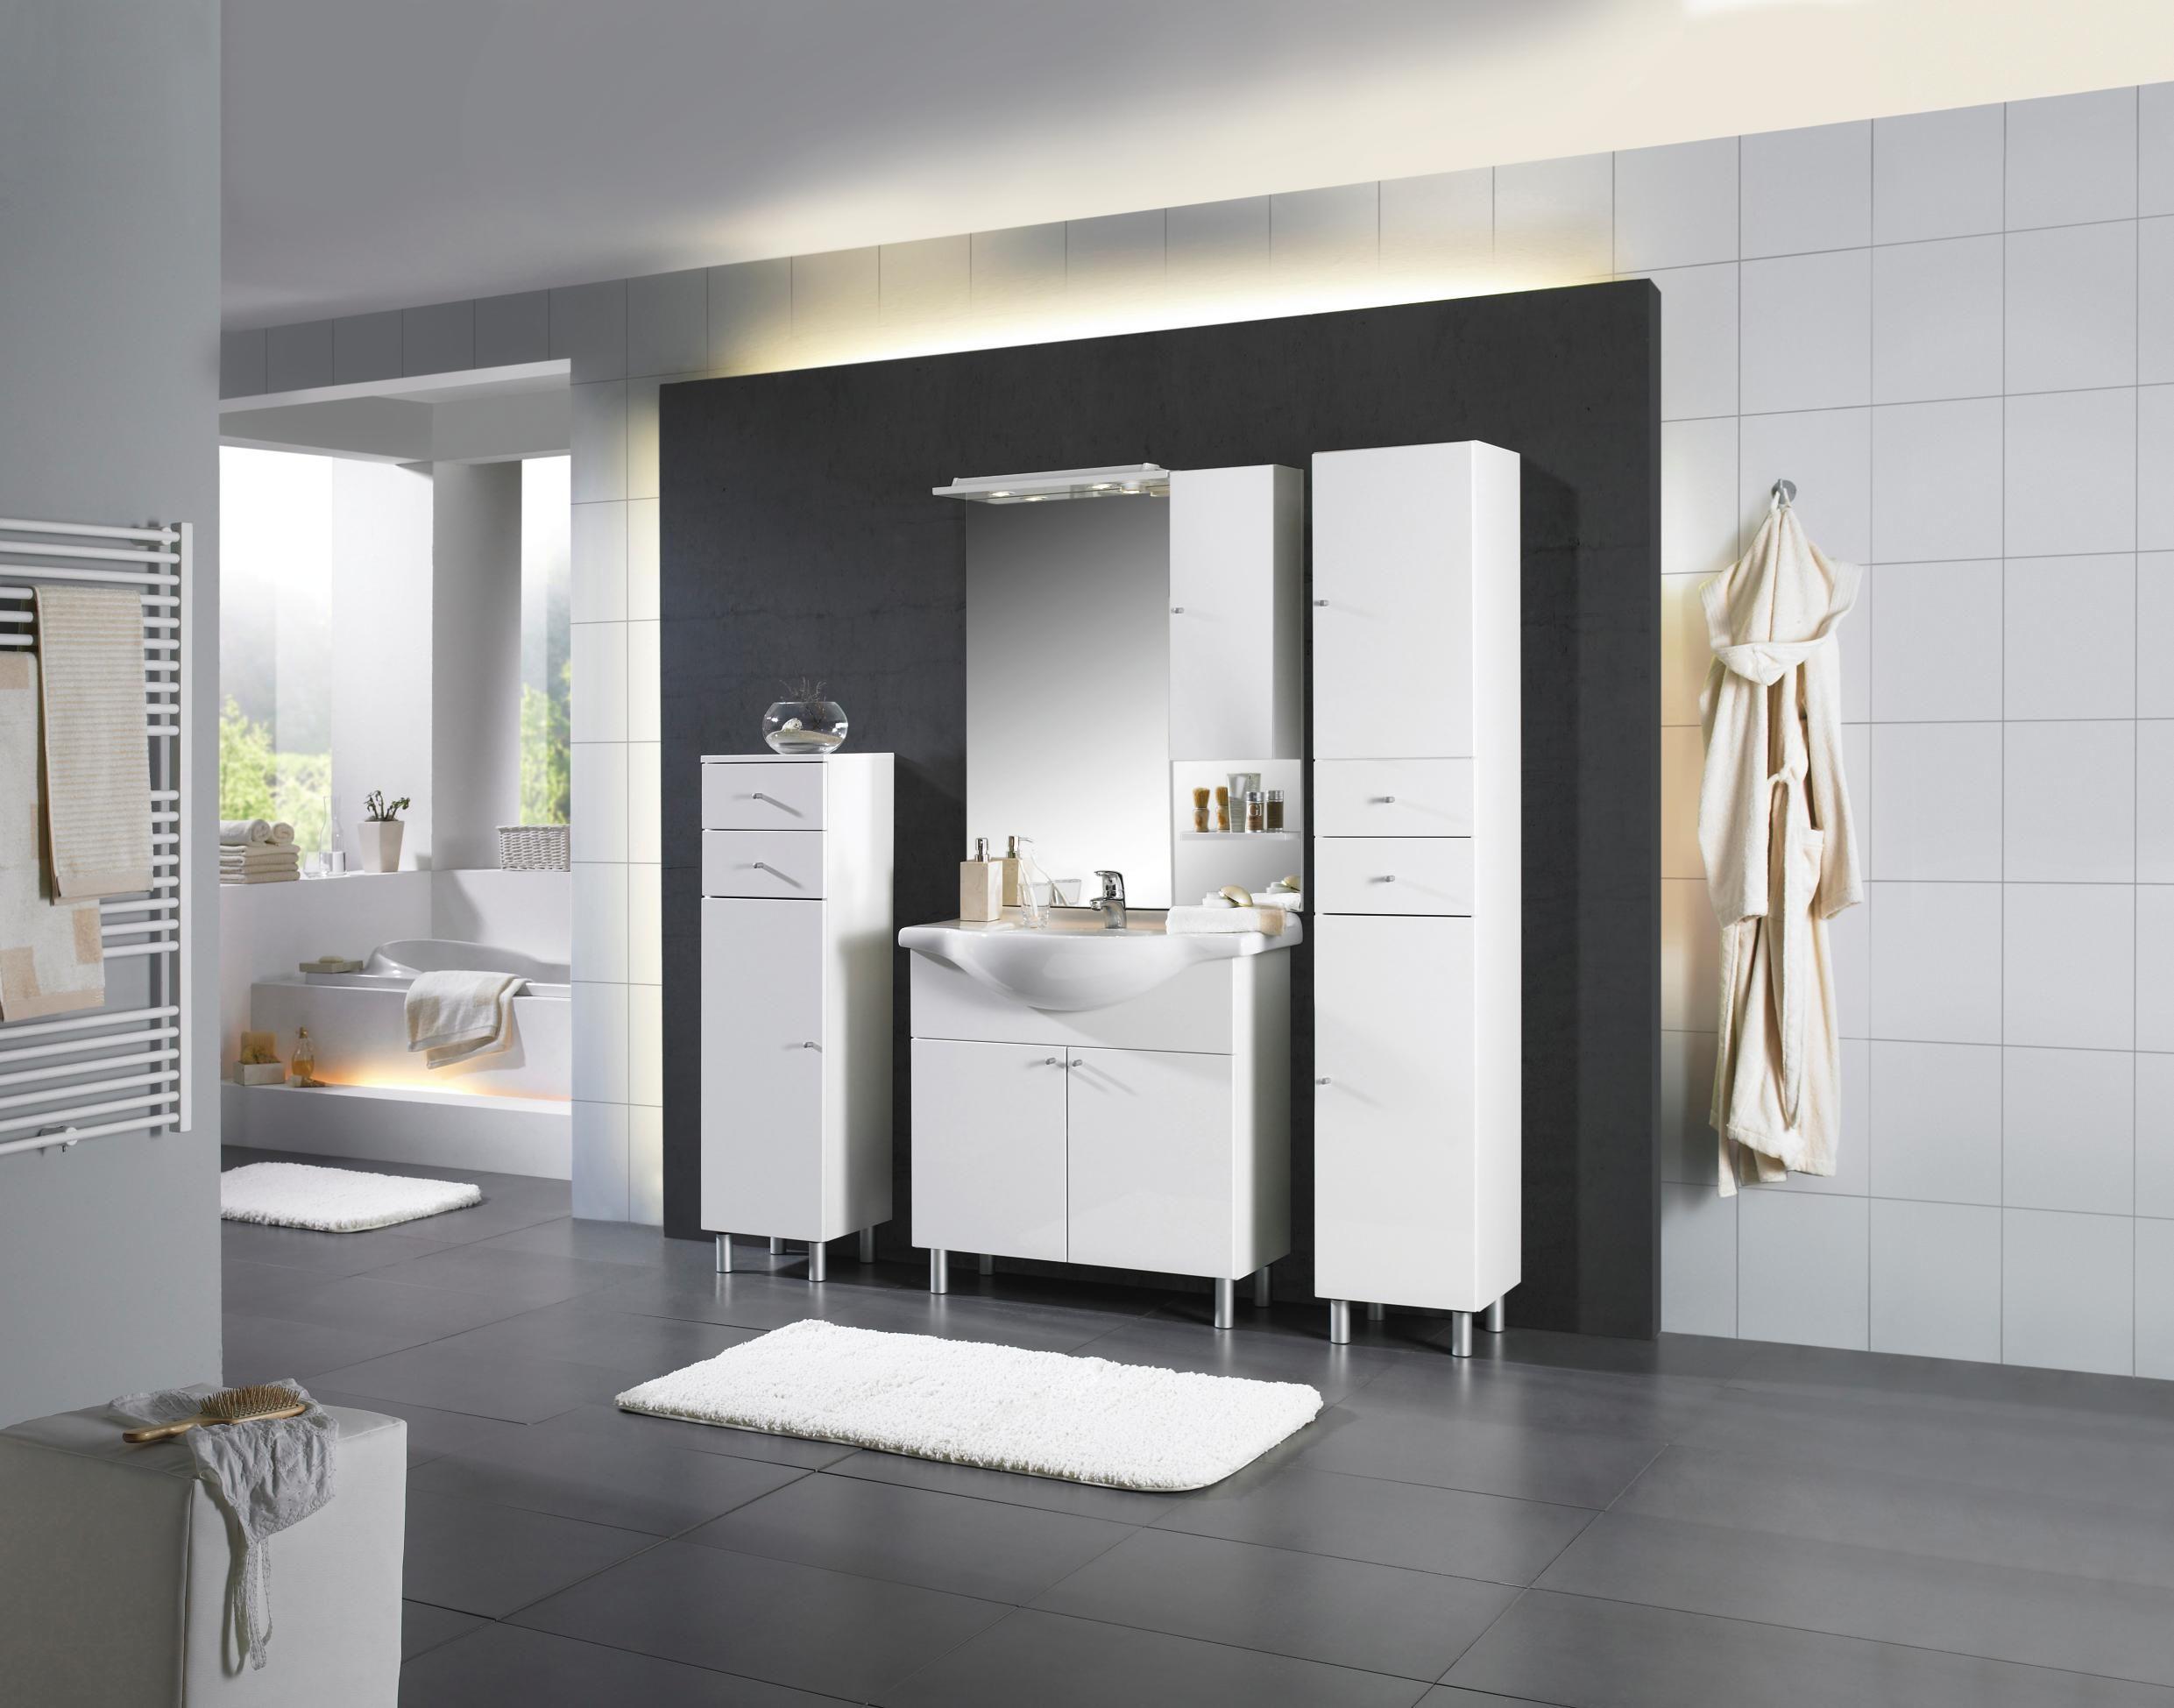 Sadena Badezimmermöbel ~ Diese luxuriösen badezimmermöbel in höchster marlin markenqualität